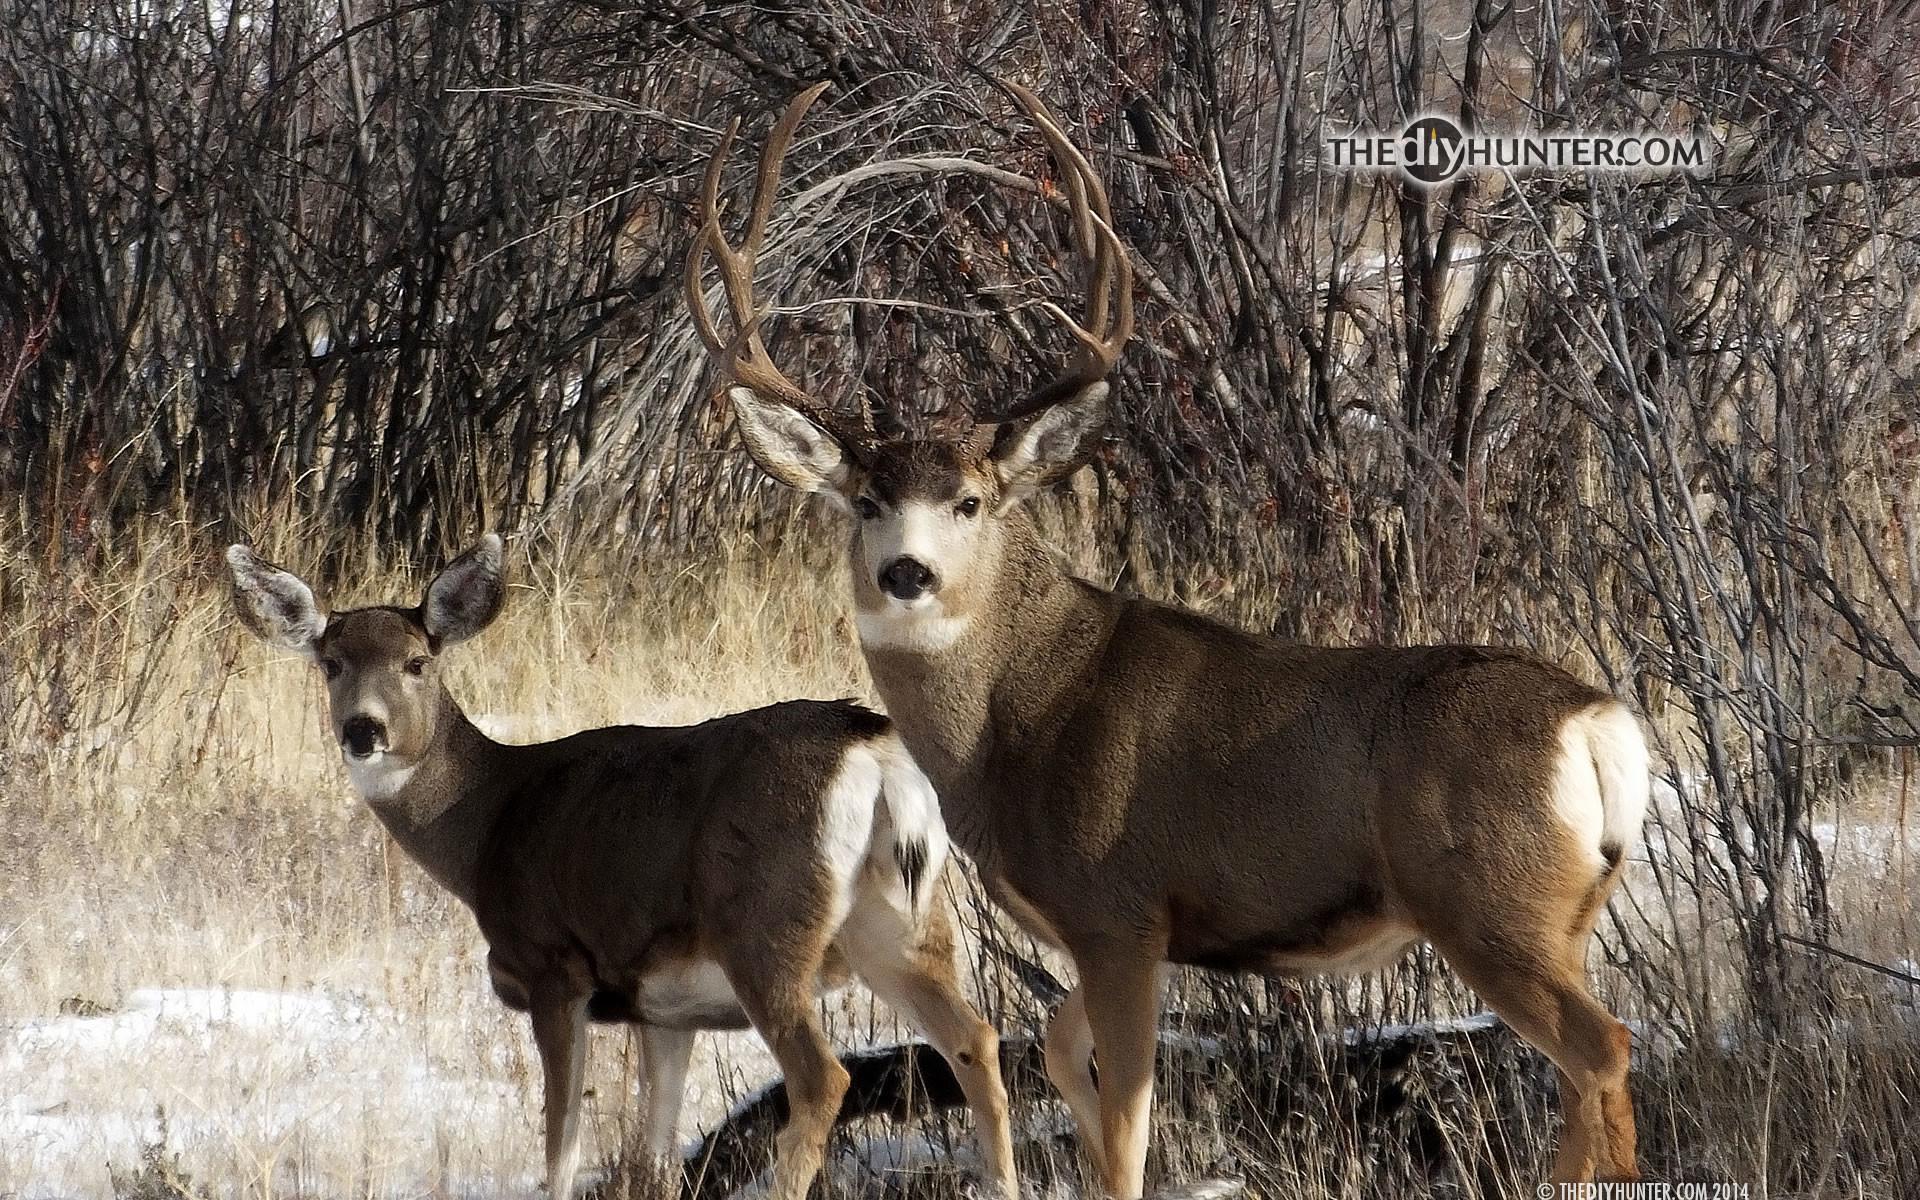 whitetail deer desktop backgrounds 58 images